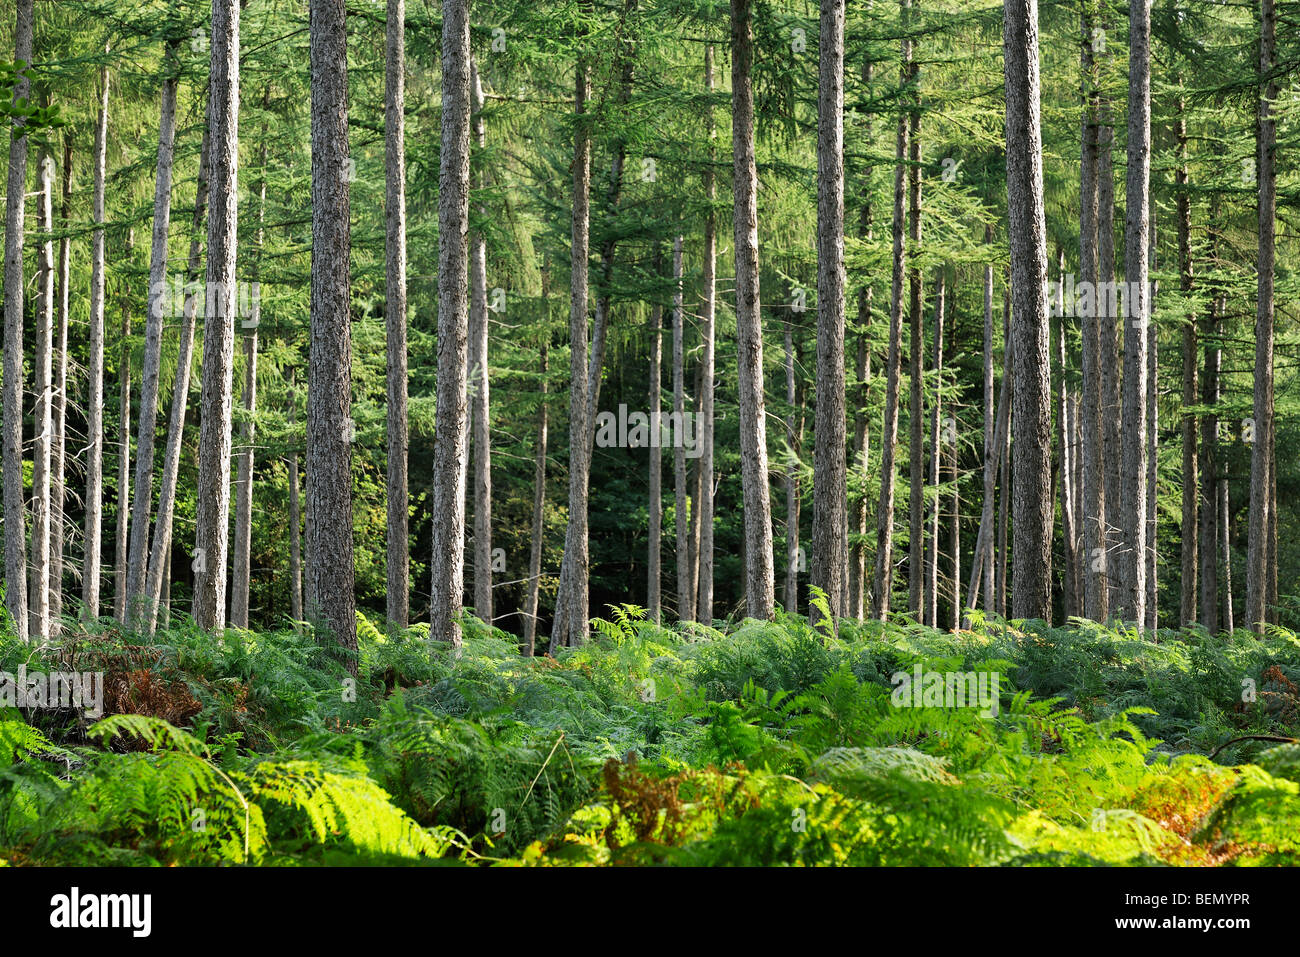 Common bracken (Pteridium aquilinum) in pine forest Stock Photo